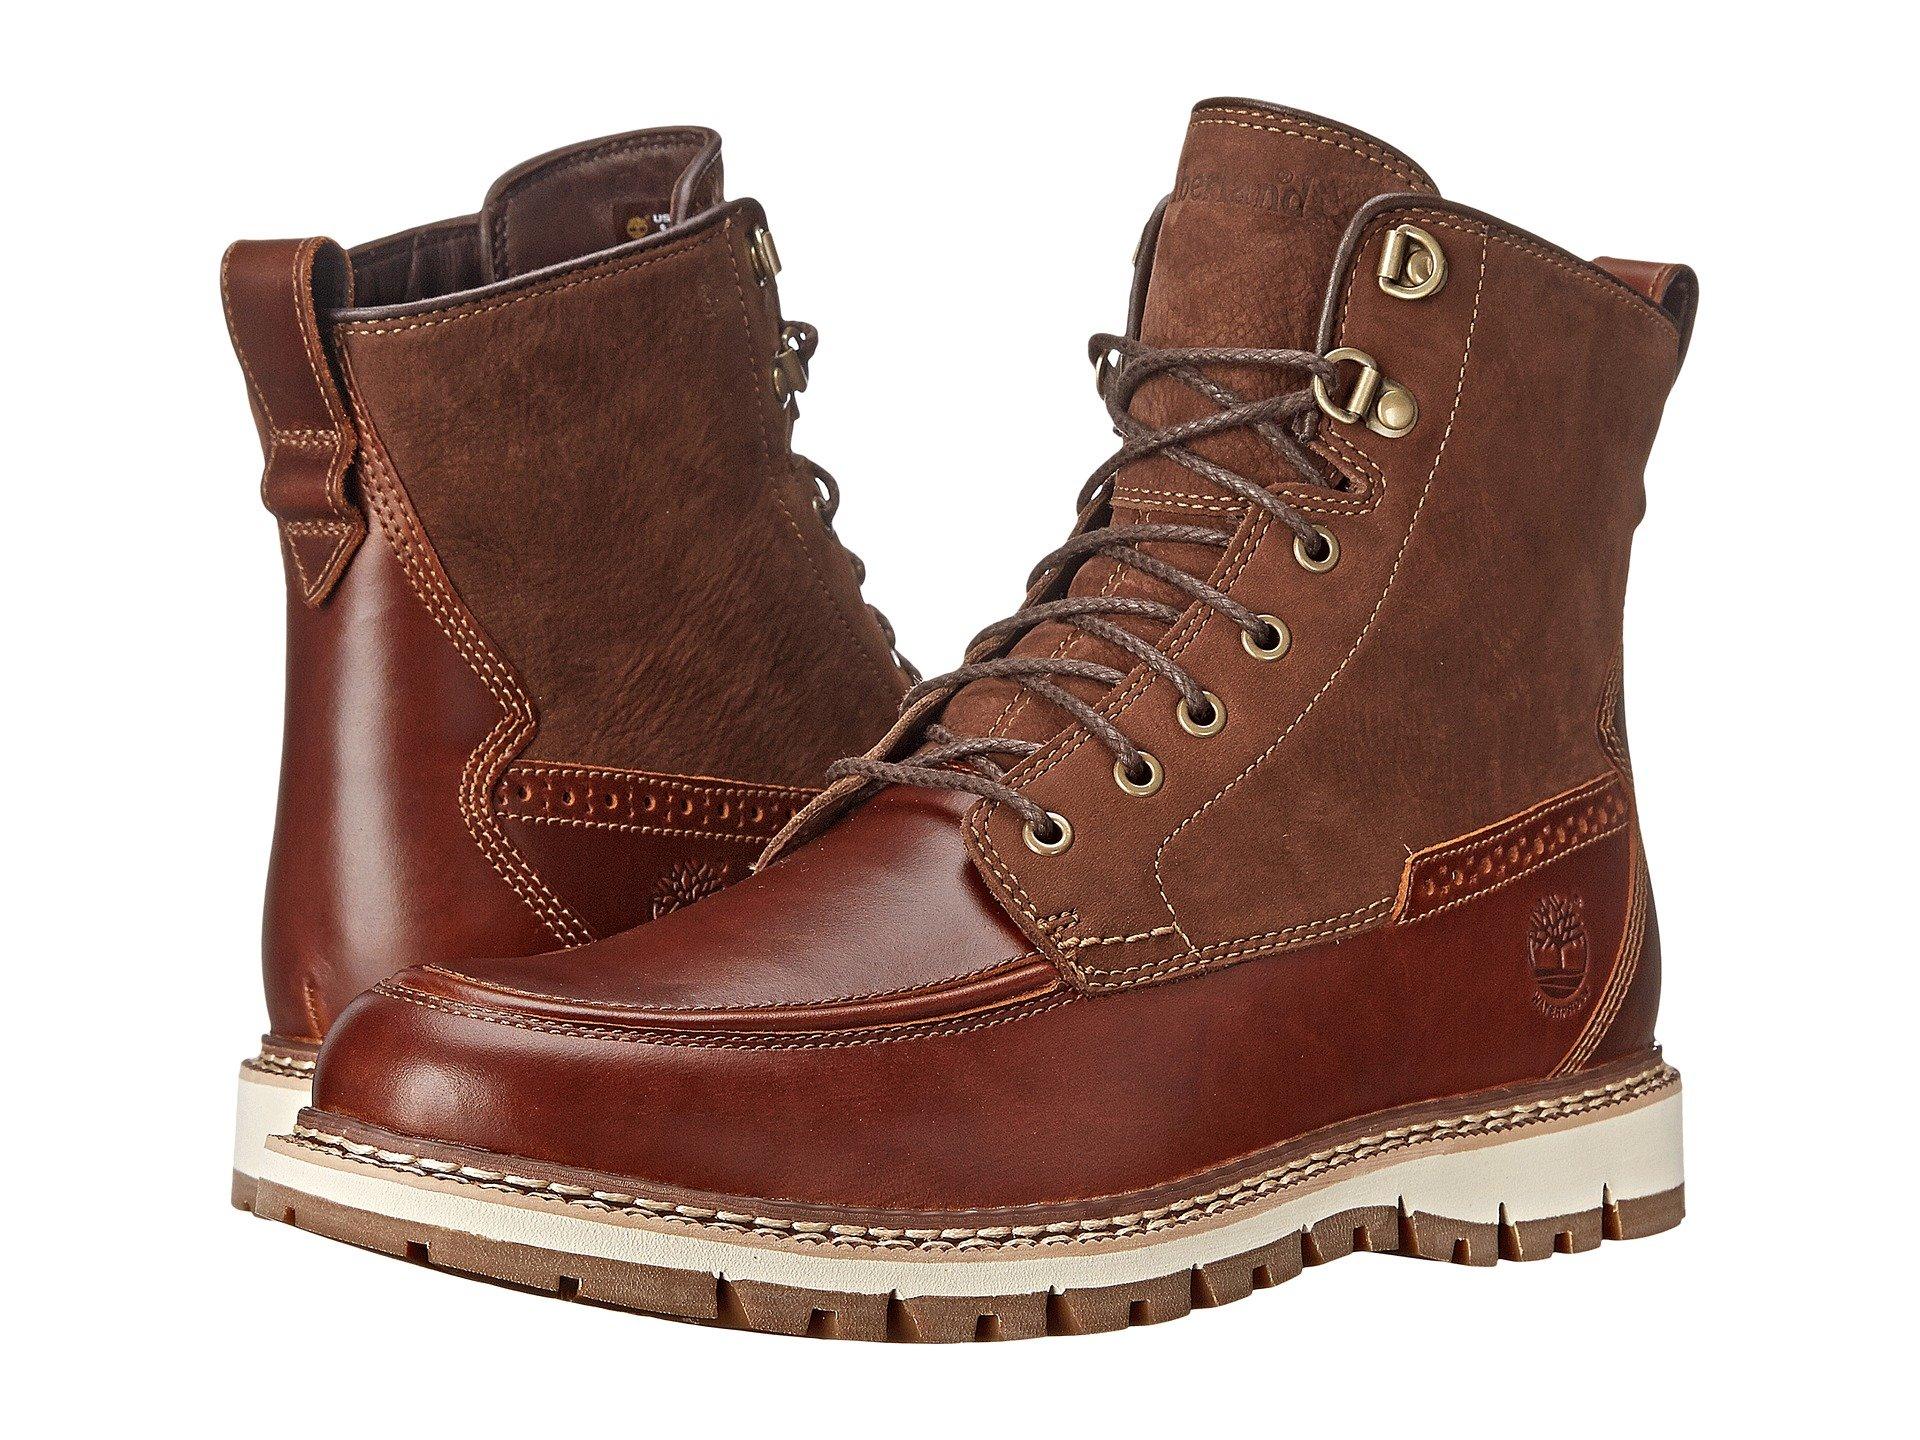 Timberland Men's Britton Hill Moc-Toe Waterproof Boot (7.5 D(M) US, Chestnut Quartz-Buttersoft)